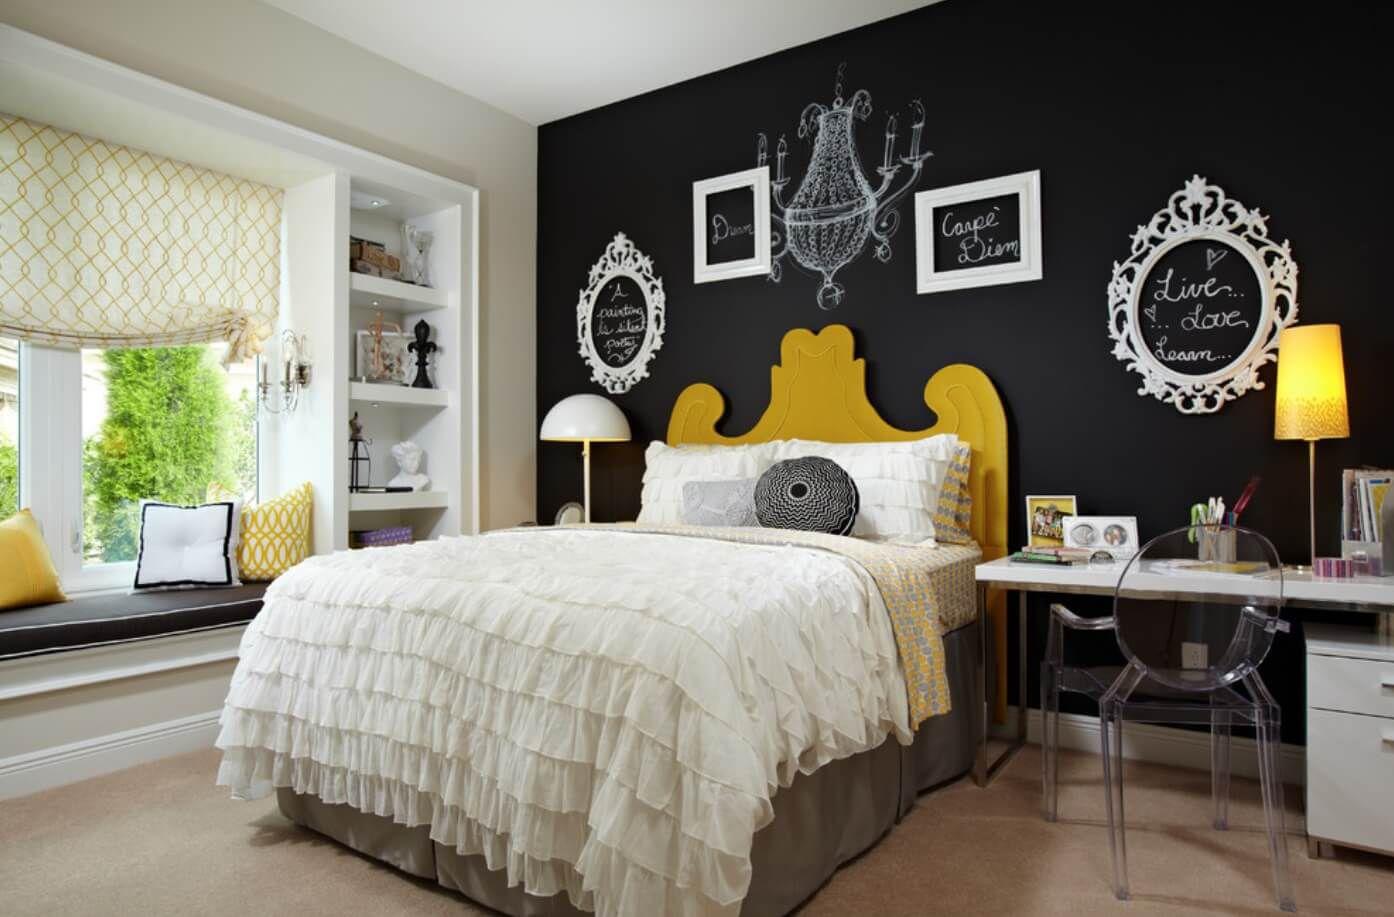 Как оформить интерьер в спальне?